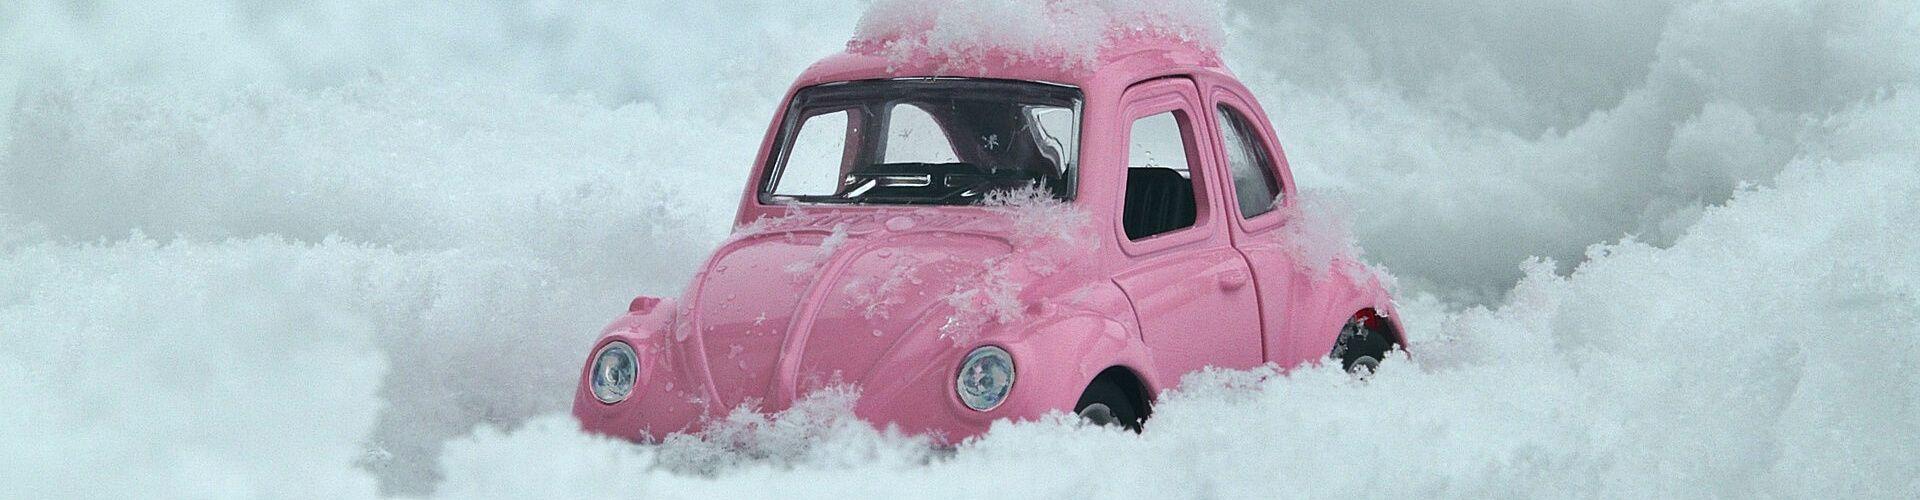 neumaticos-de-invierno-coches